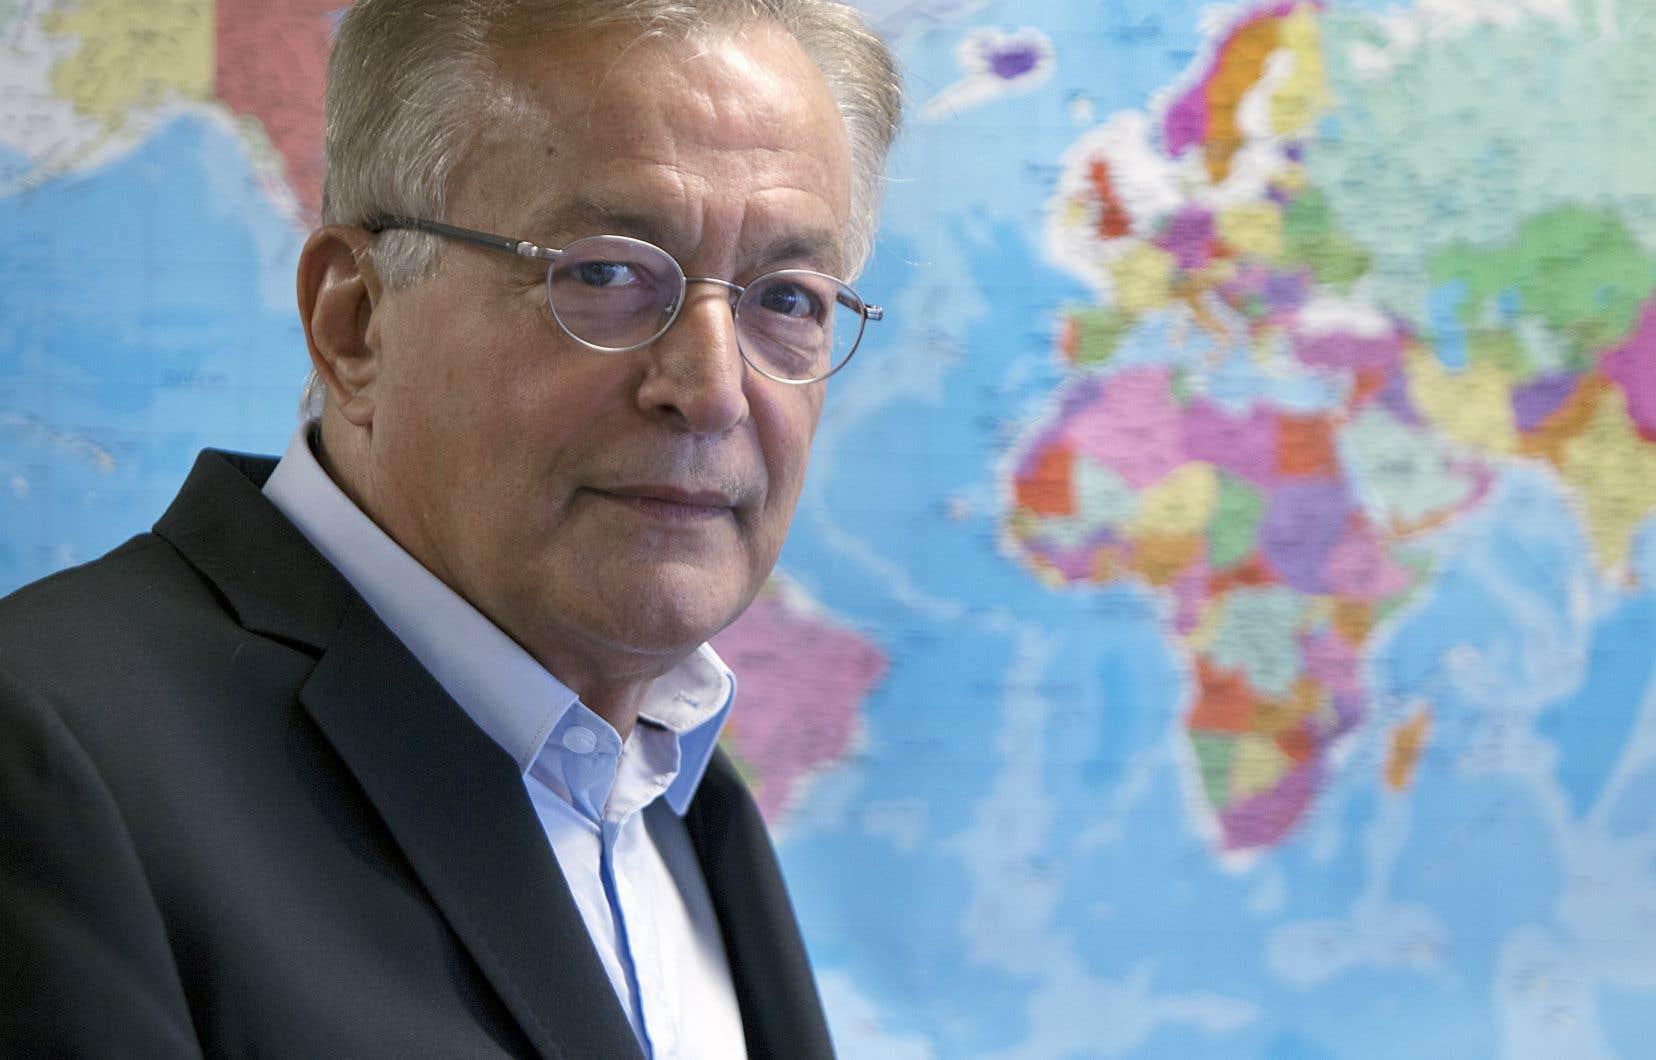 Le gouvernement Couillard a annoncé mercredi dernier la nomination de Jean-Louis Roy comme p.-d.g. de l'institution.